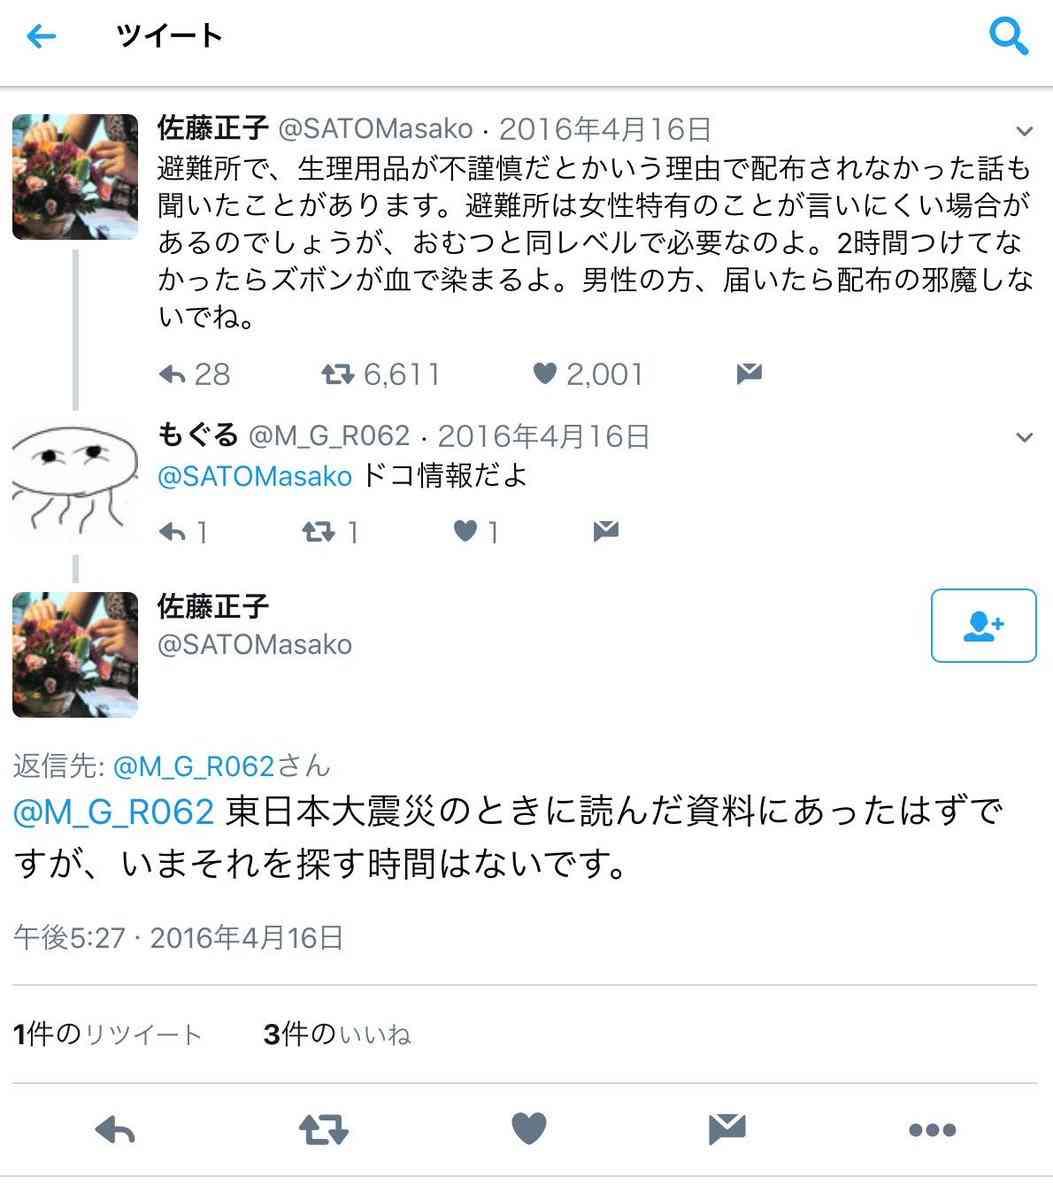 知らなかった!『新幹線のホームの売店で生理用品がなく、ダメ元で店員に聞いたら』